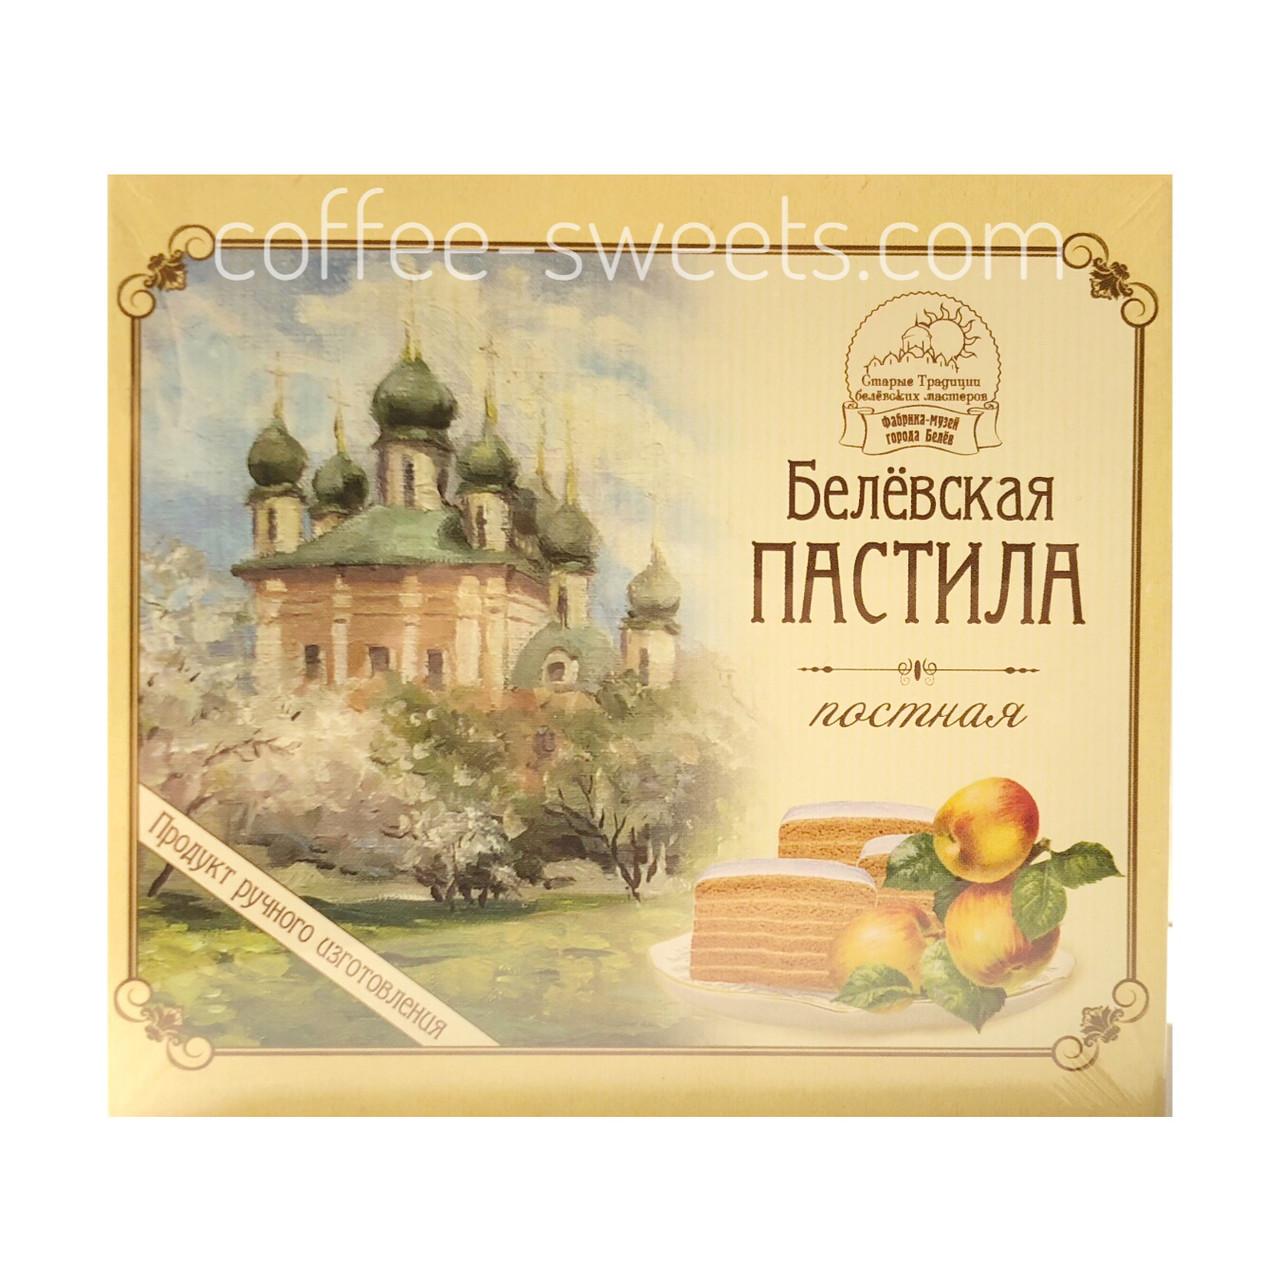 """Пастила Белёвская воздушная """"Постная"""" 200гр"""